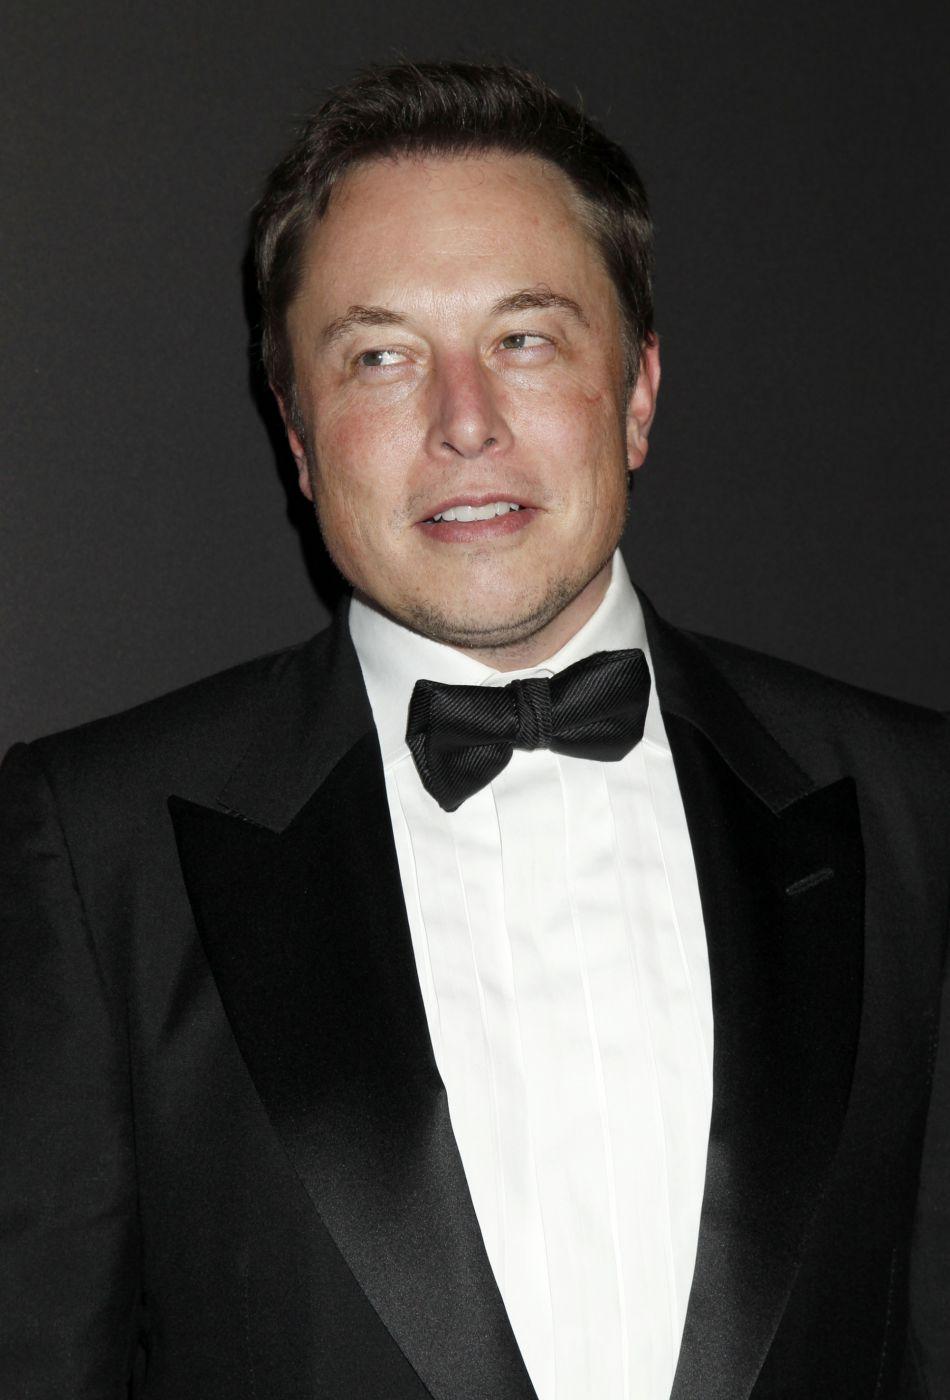 Elon Musk ne serait finalement pas l'amant d'Amber Heard.